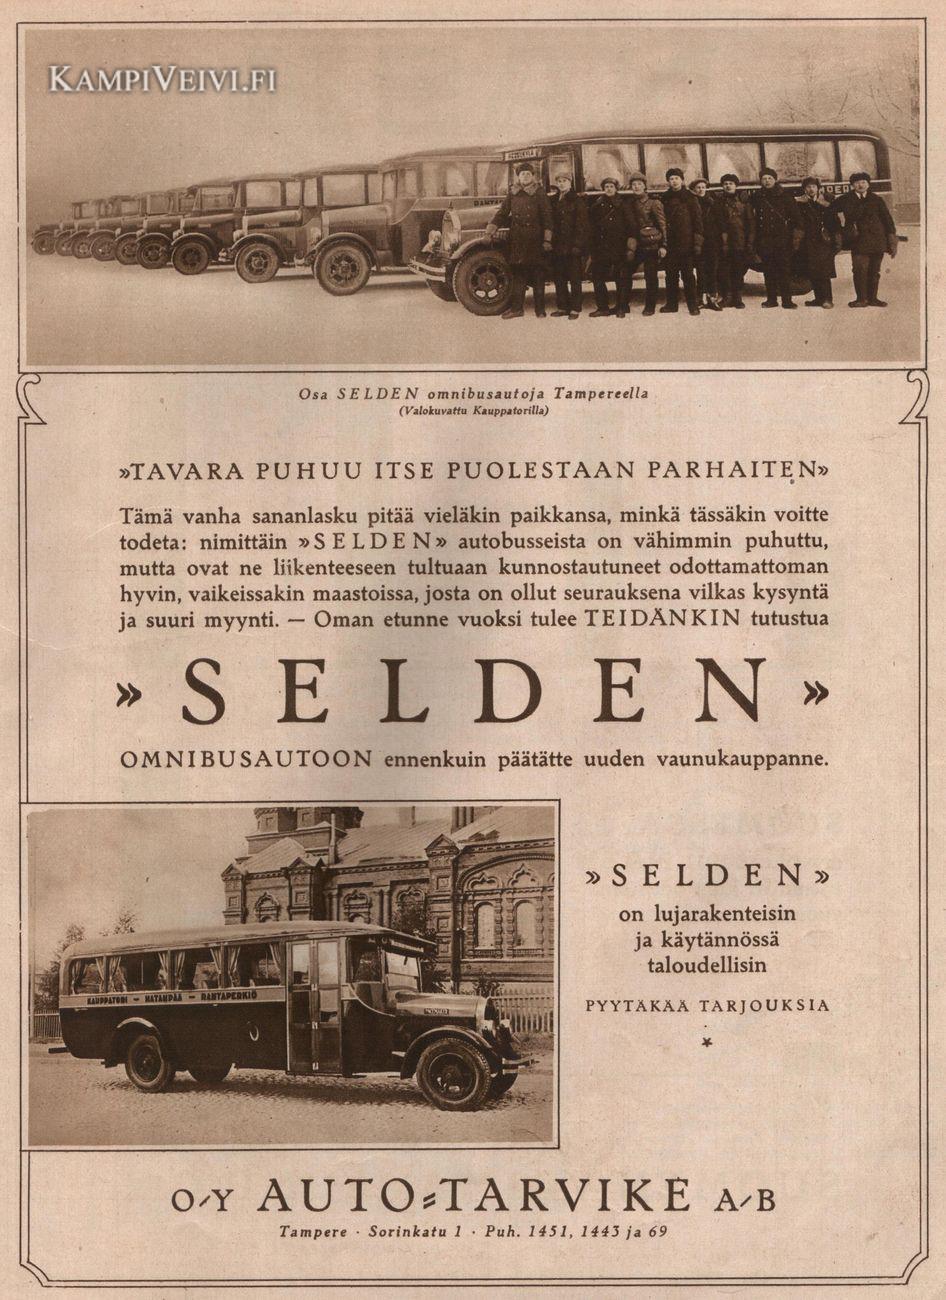 Selden1